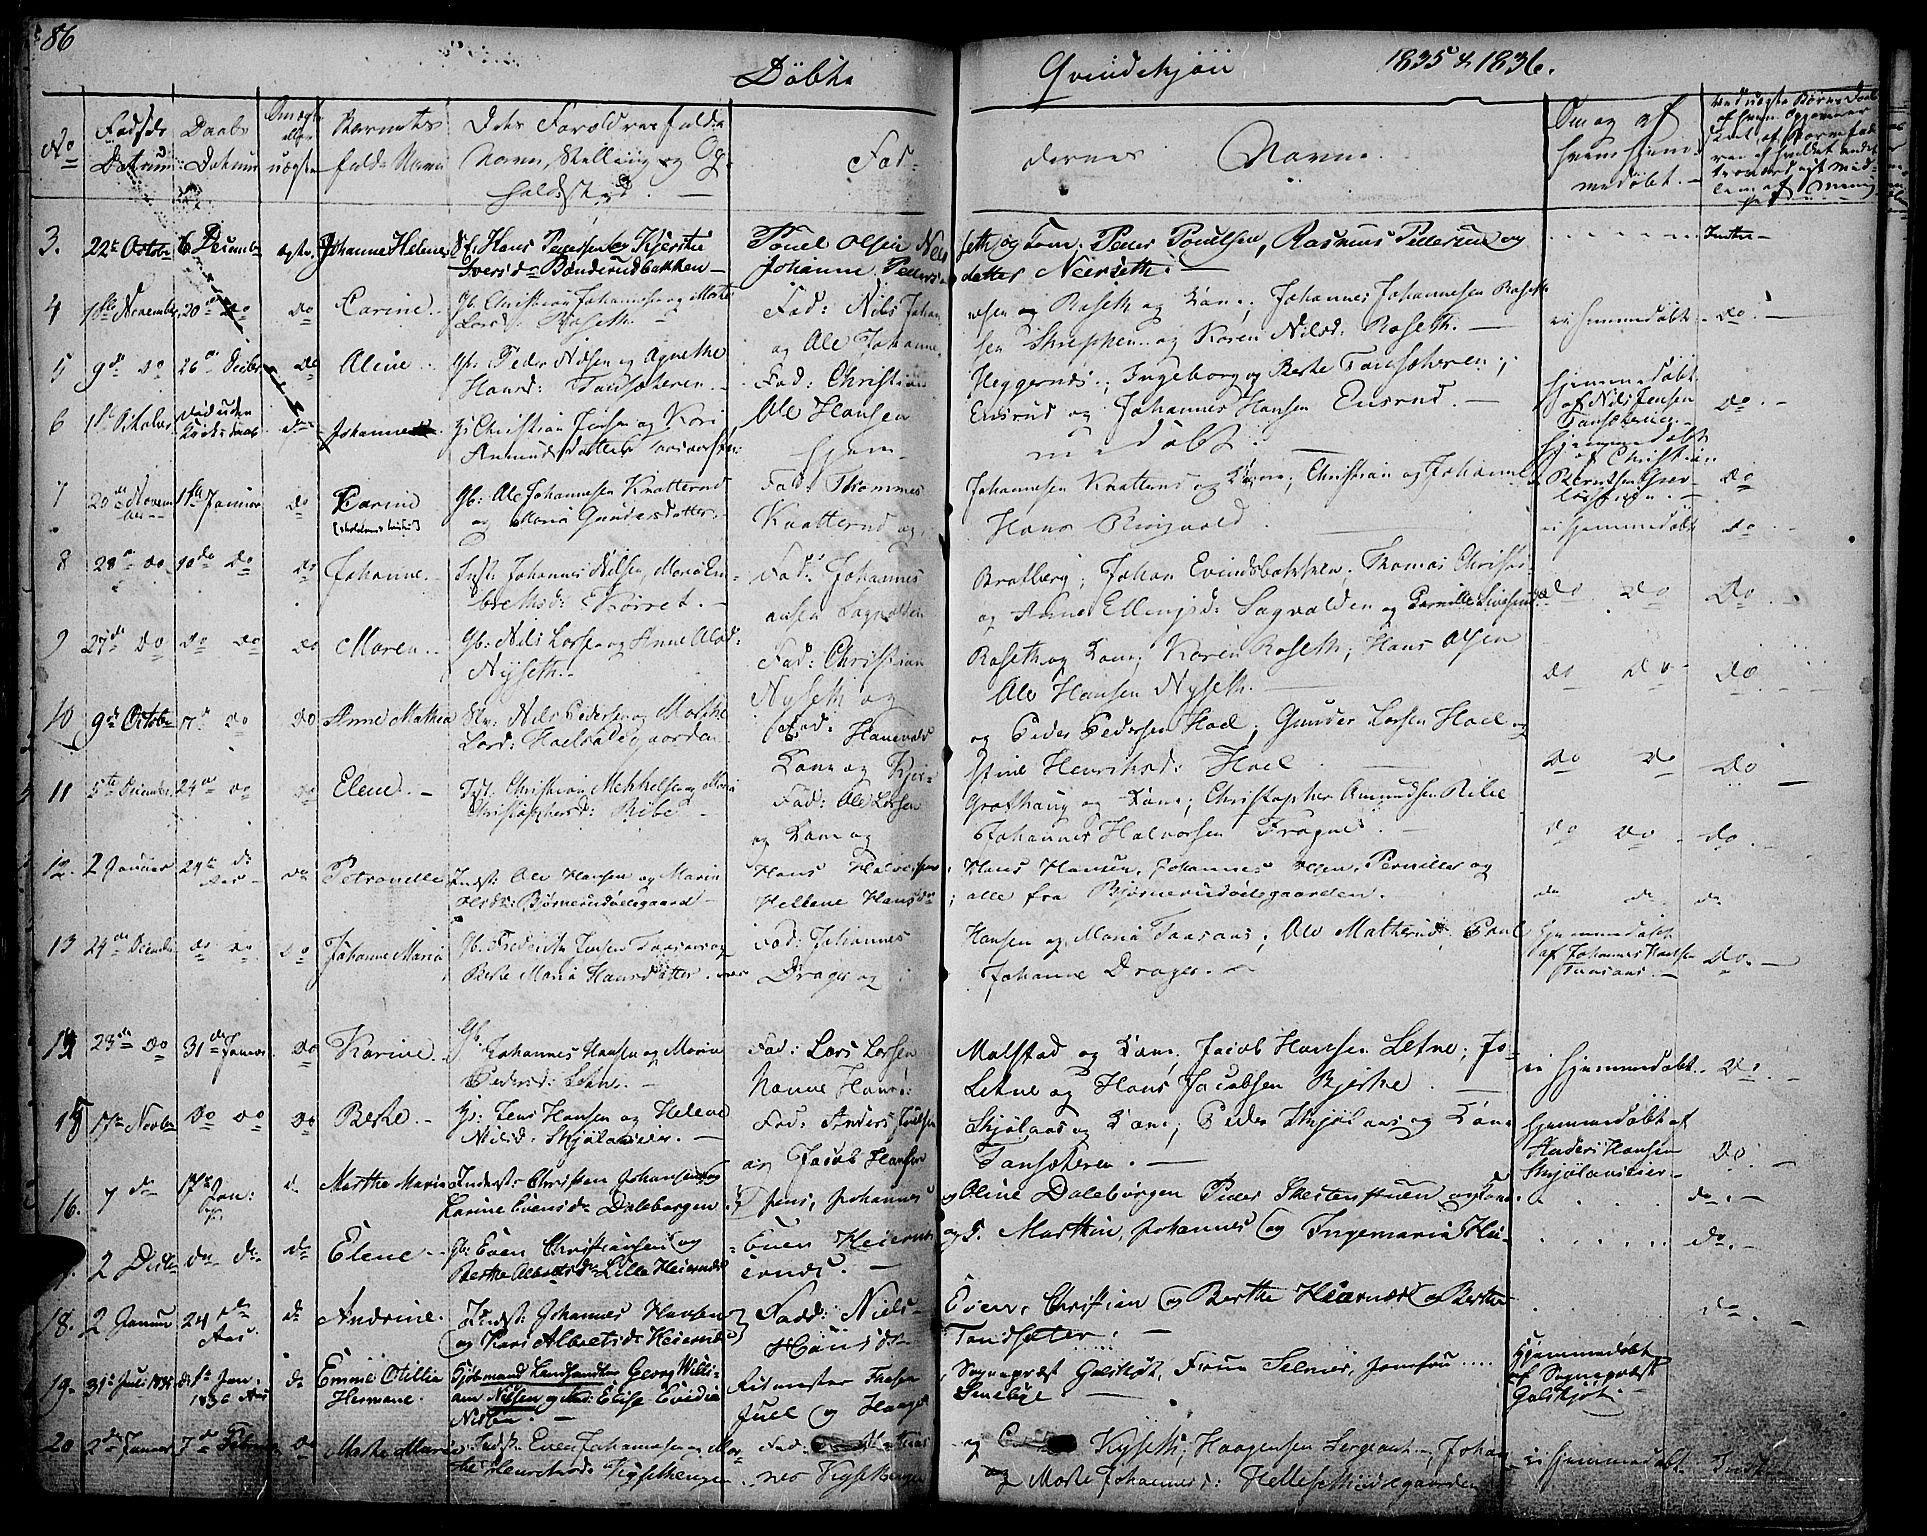 SAH, Vestre Toten prestekontor, Ministerialbok nr. 2, 1825-1837, s. 86